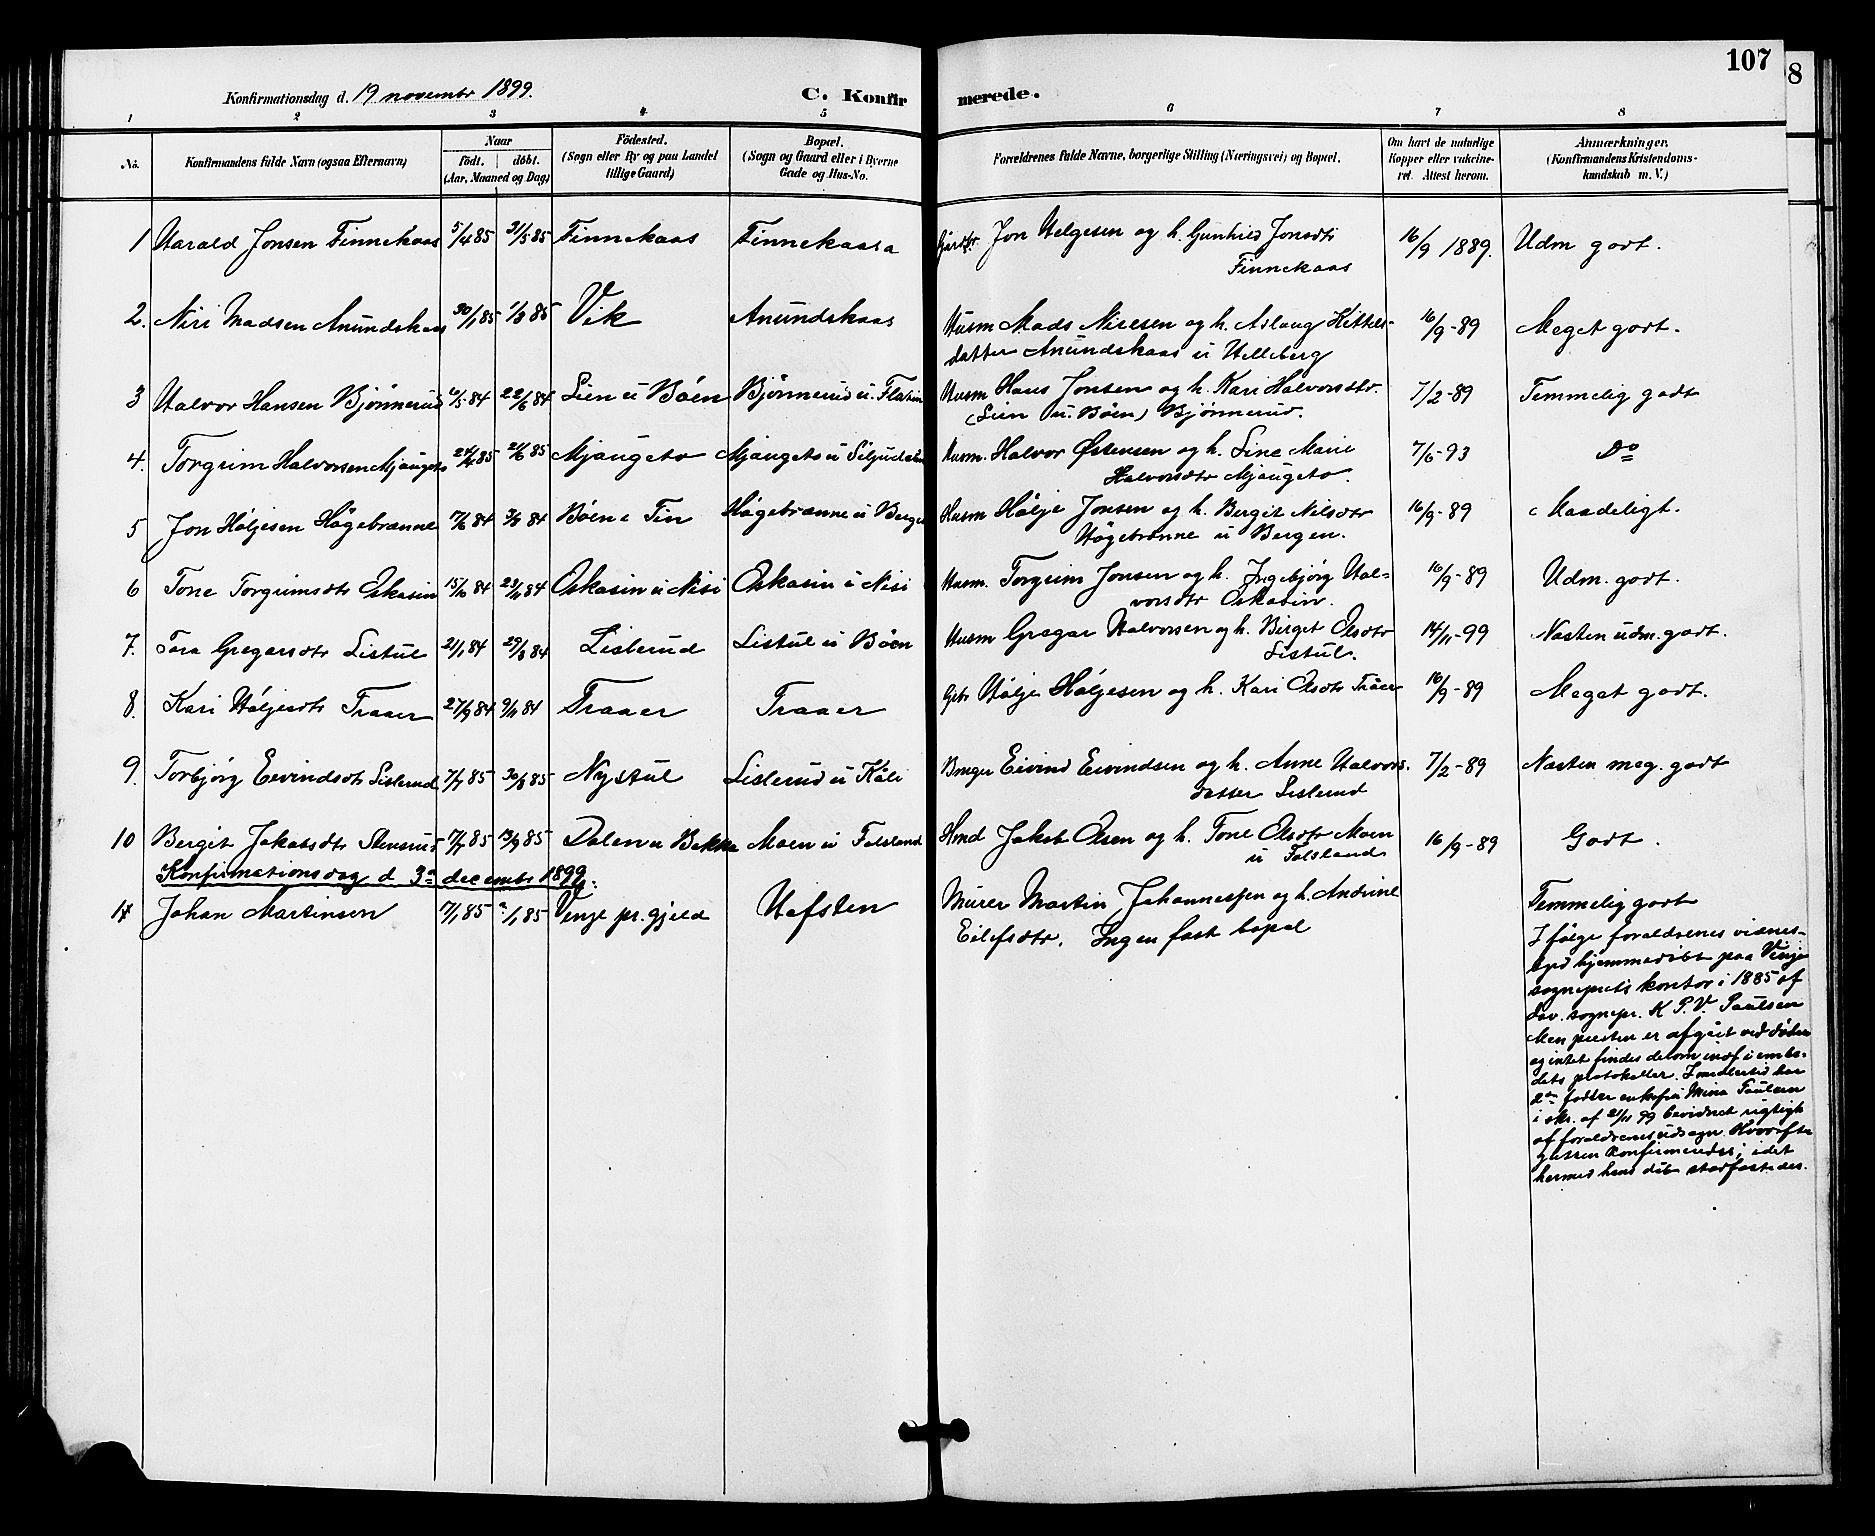 SAKO, Gransherad kirkebøker, G/Ga/L0003: Klokkerbok nr. I 3, 1887-1915, s. 107